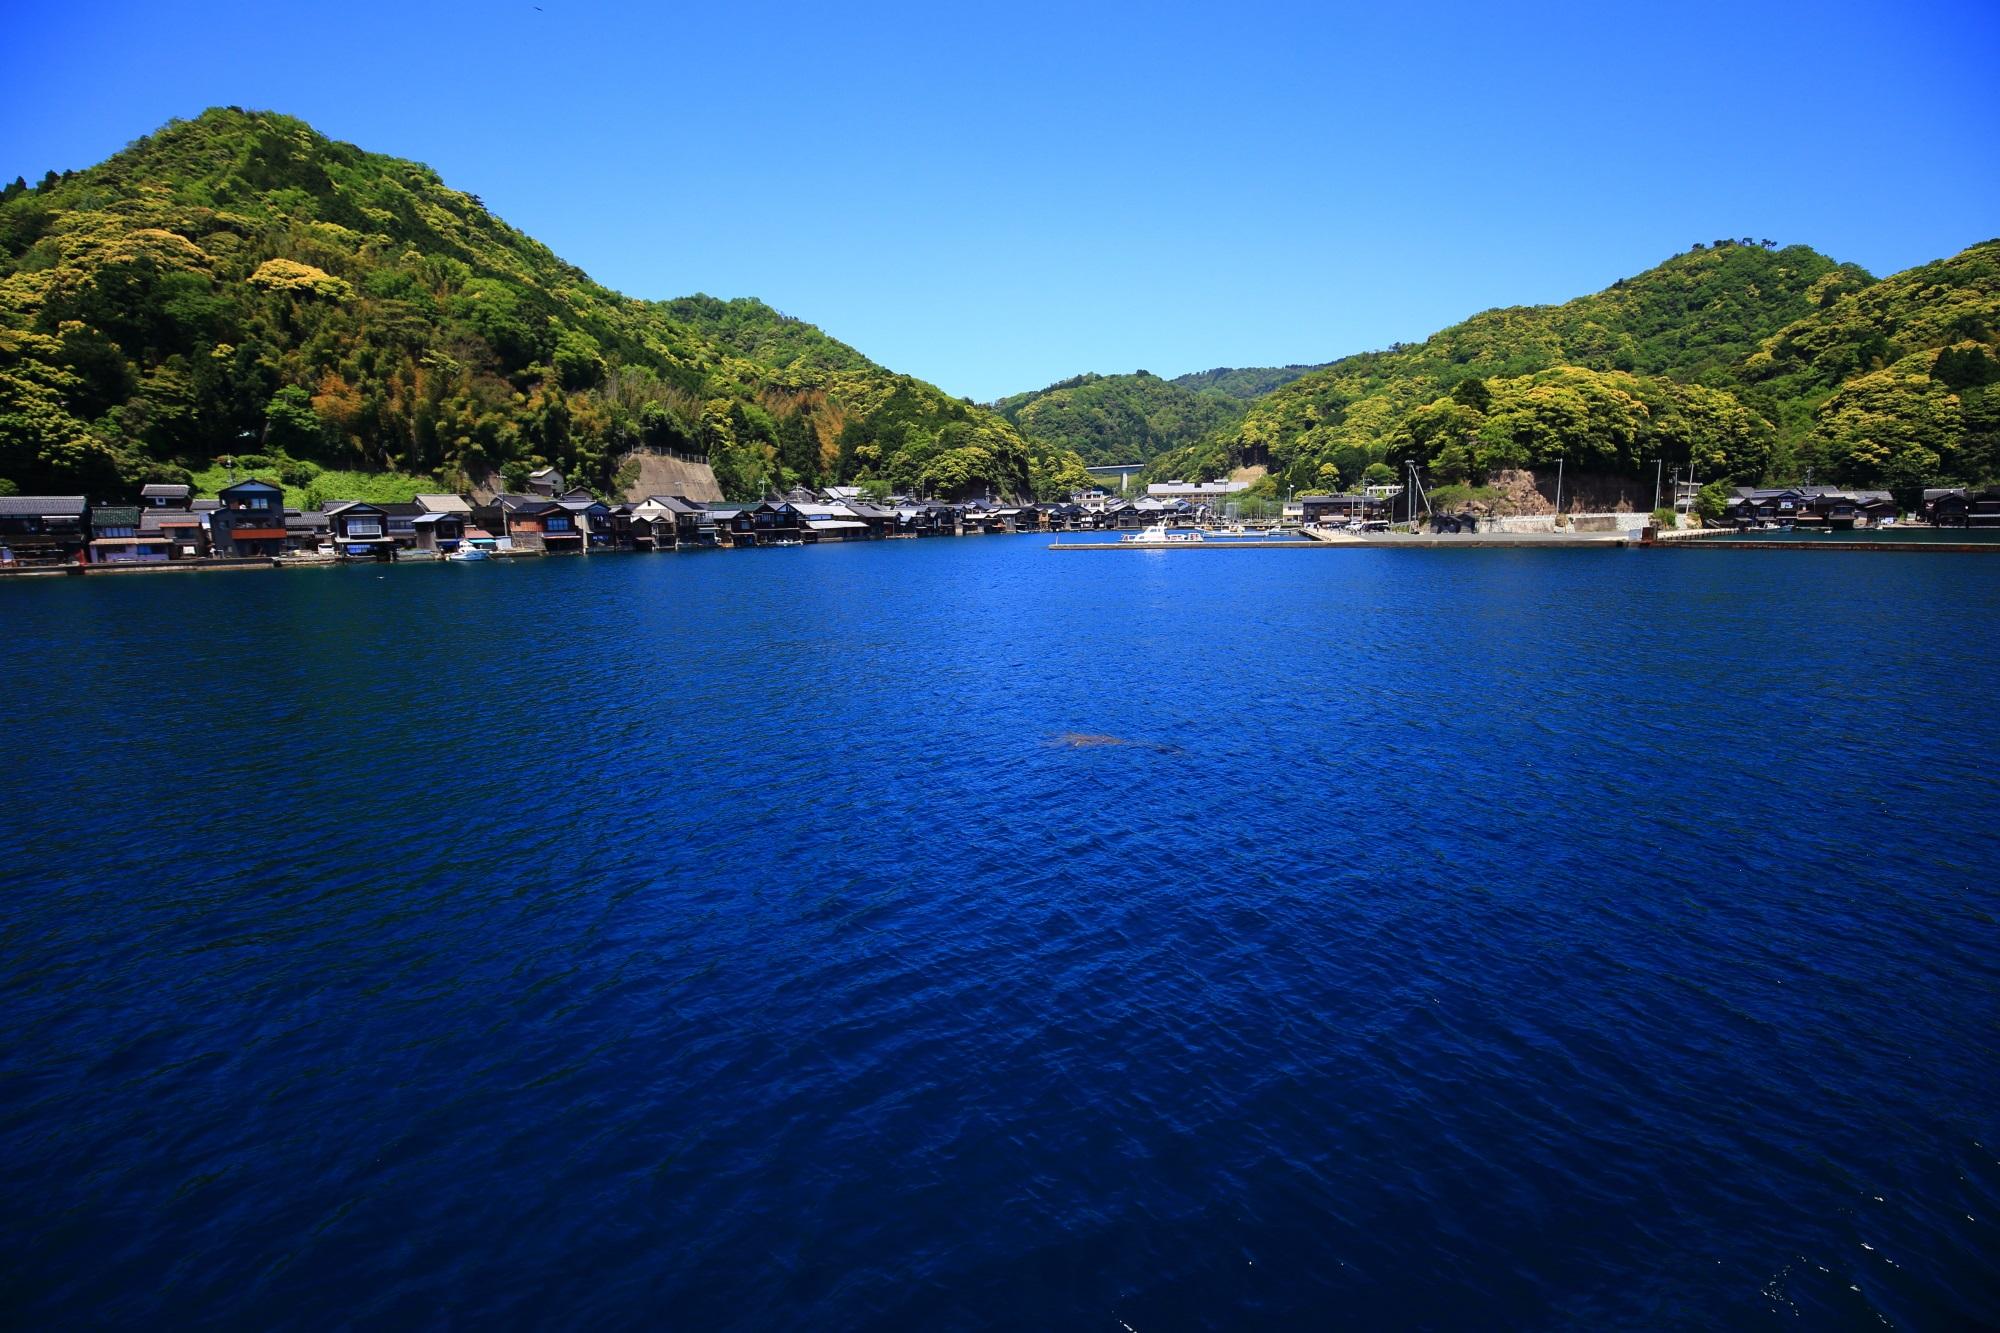 伊根の舟屋や伊根湾の素晴らしすぎる情景に感謝